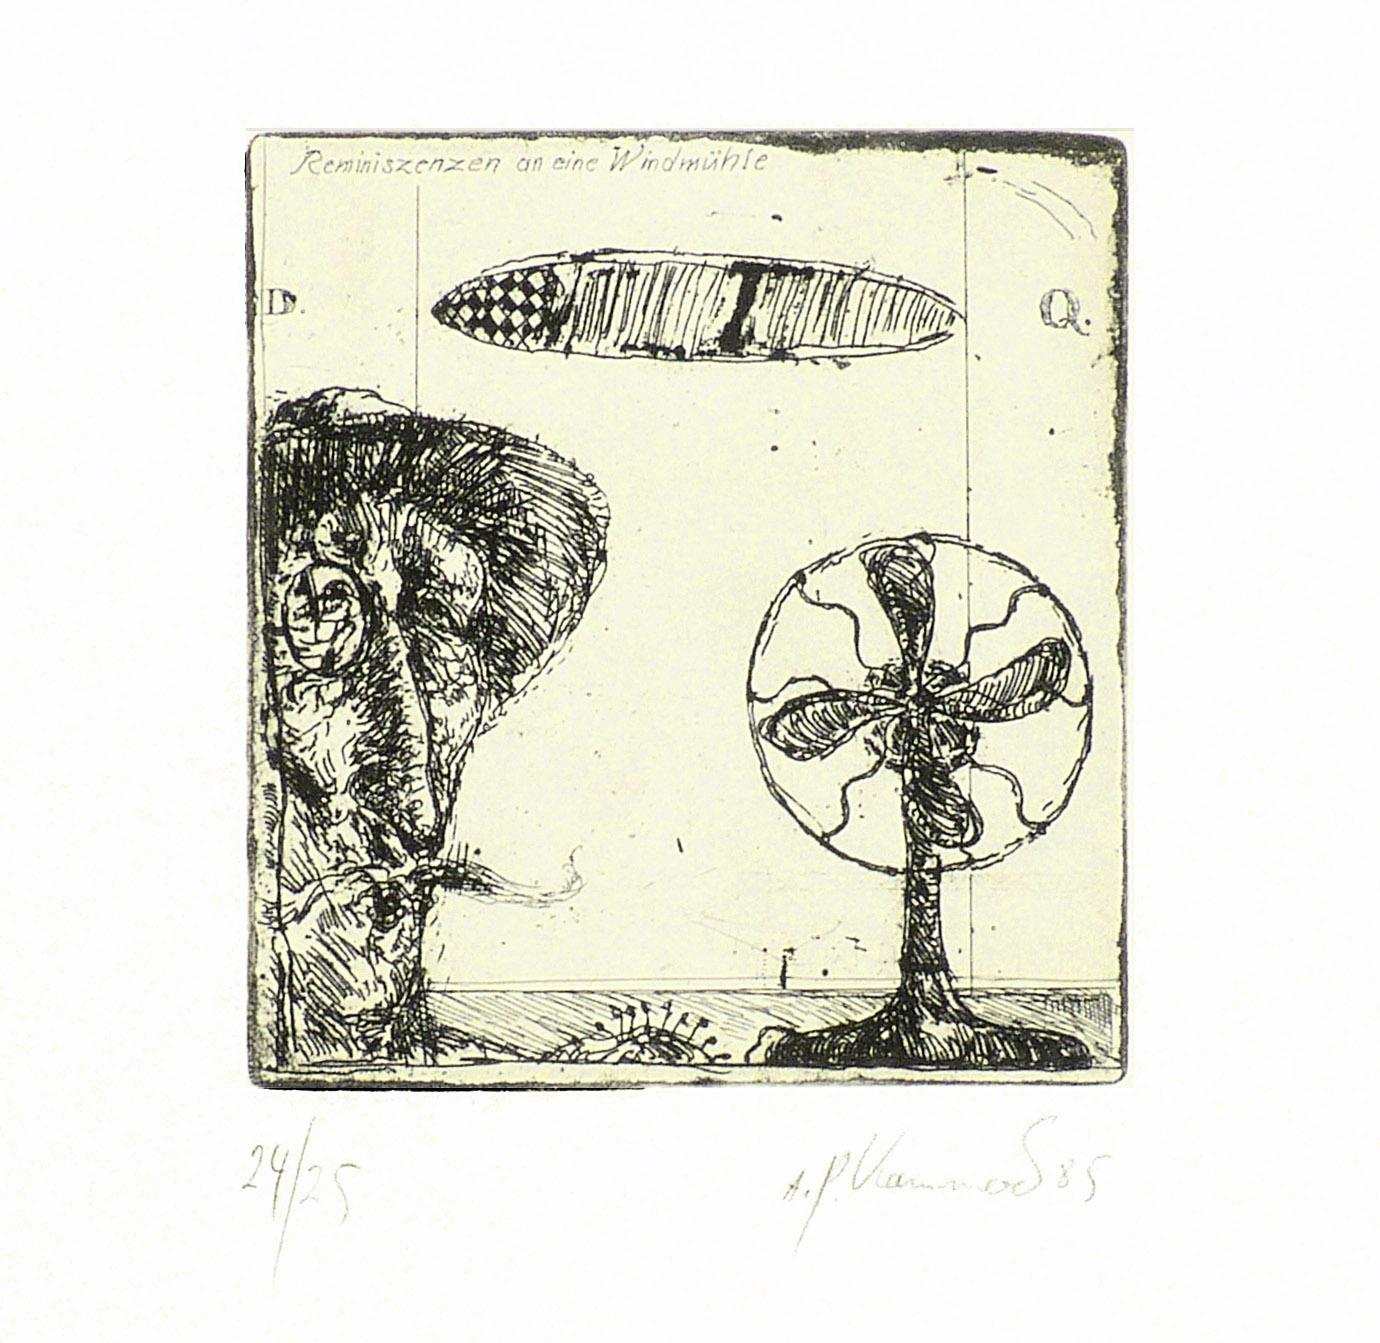 Reminiszenzen an eine Windmühle